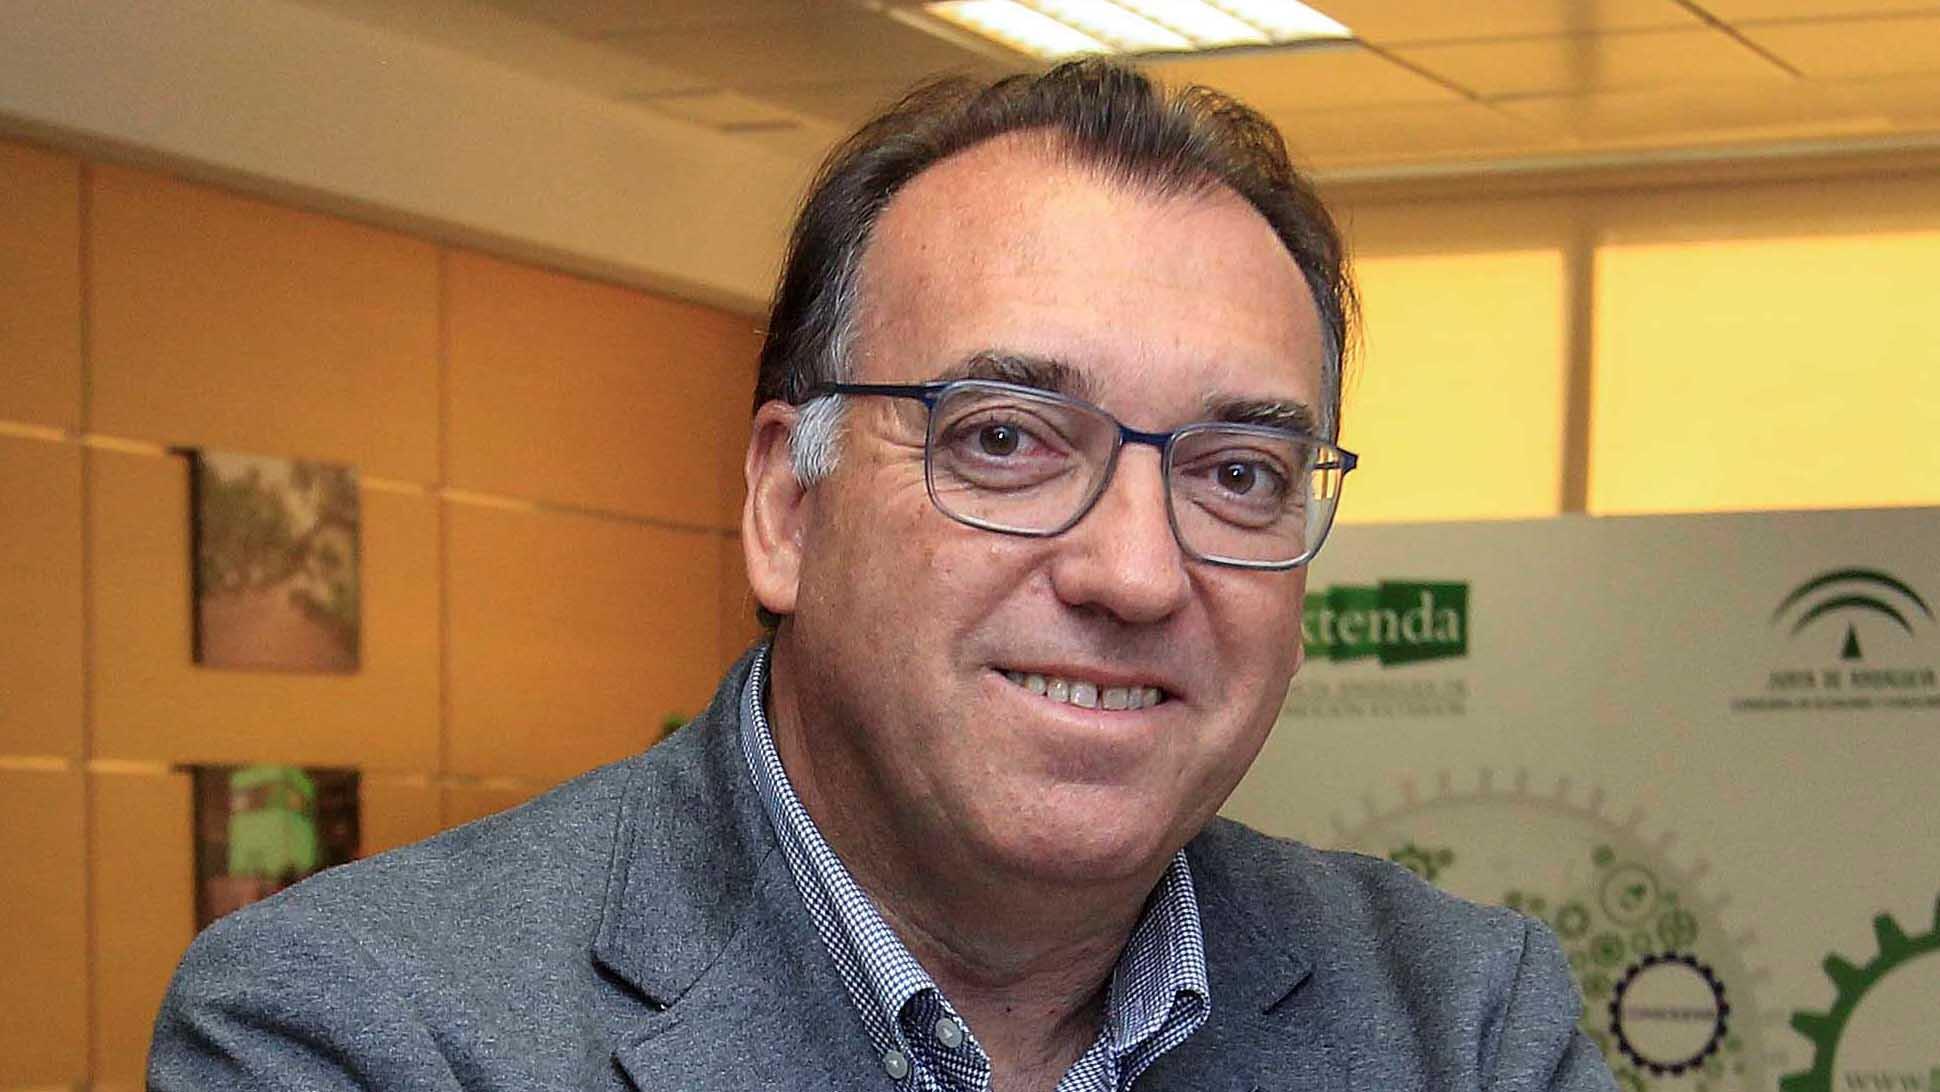 Arturo Bernal Bergua